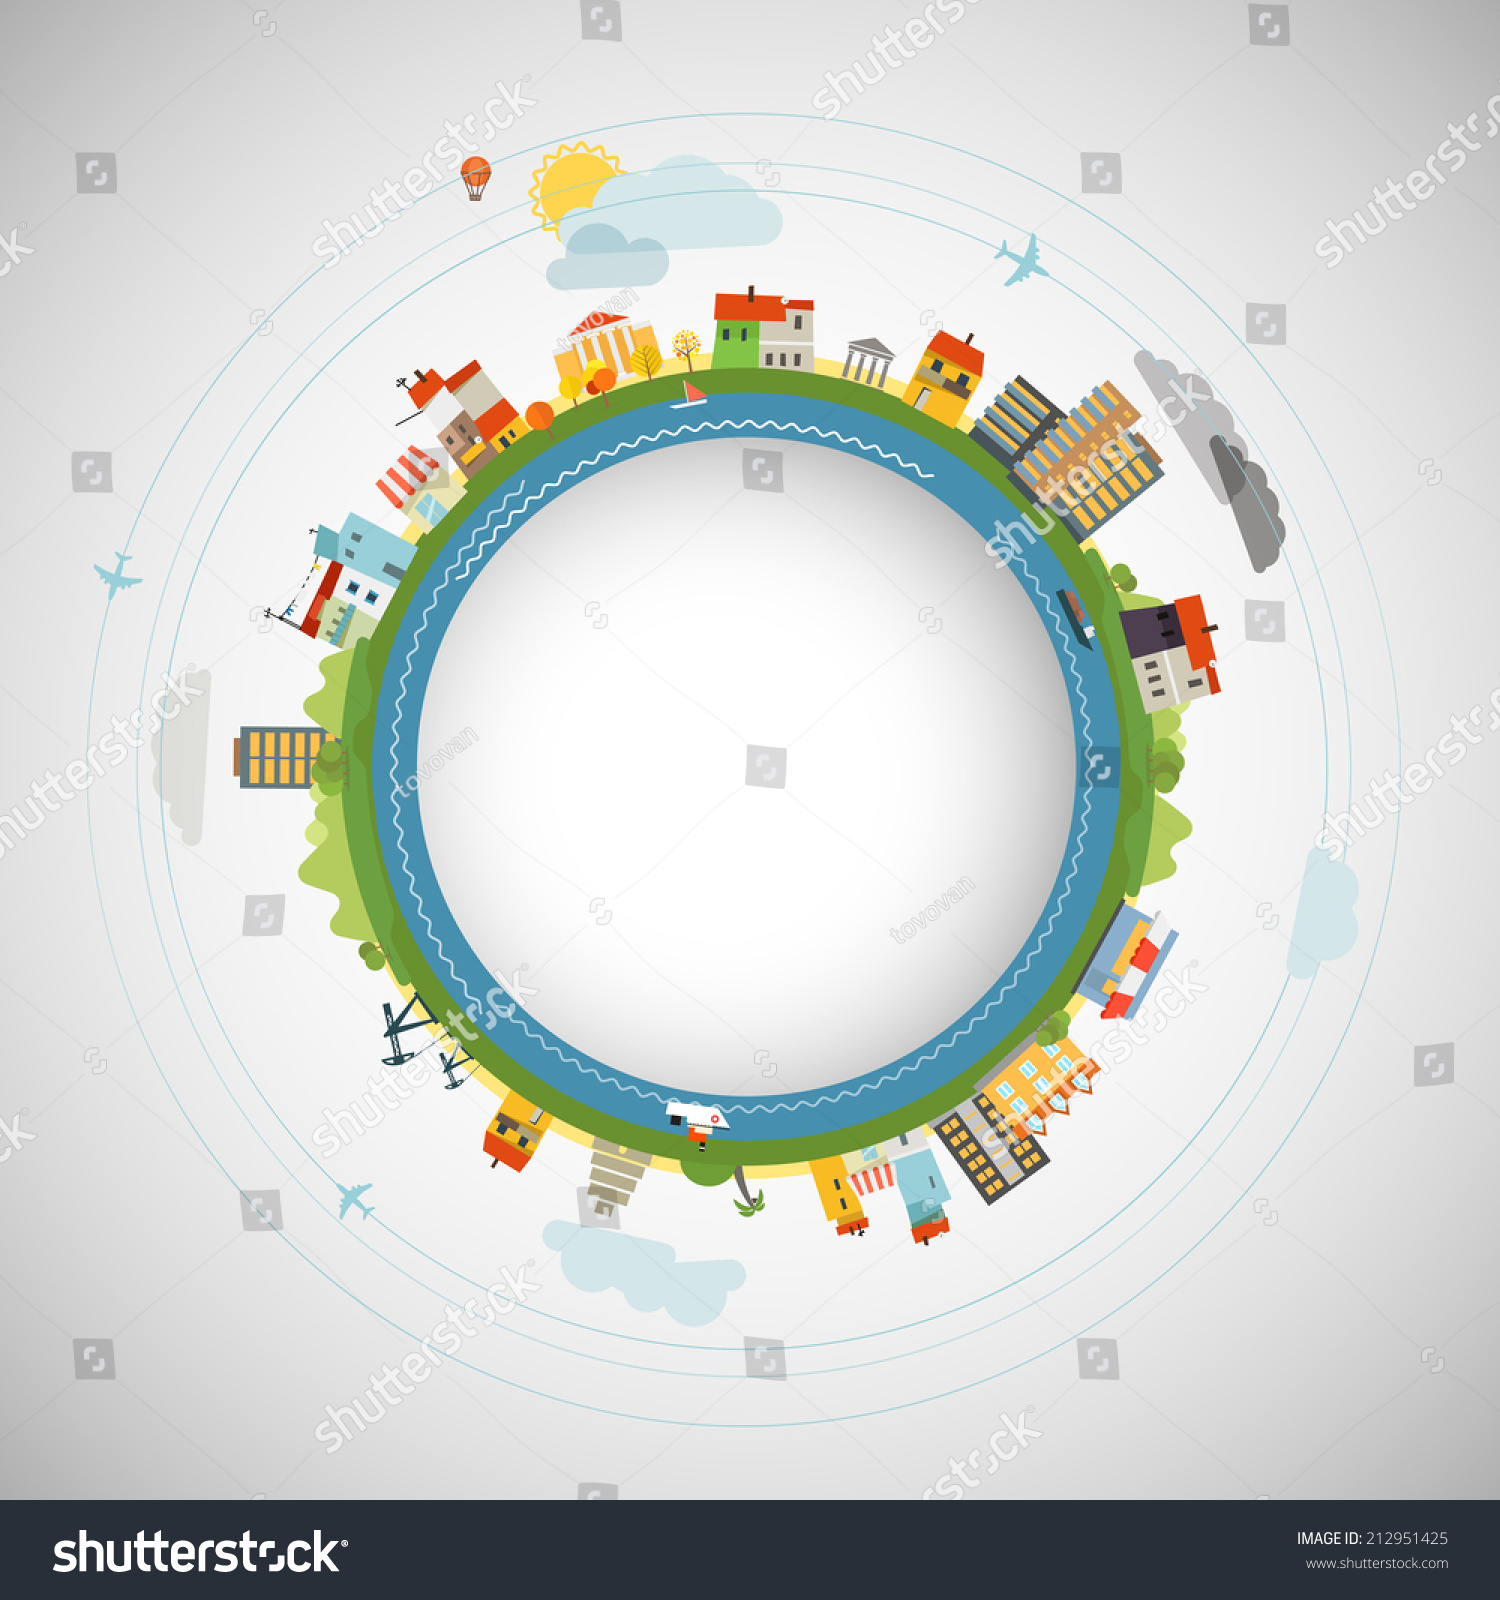 地球的平面设计说明-建筑物/地标